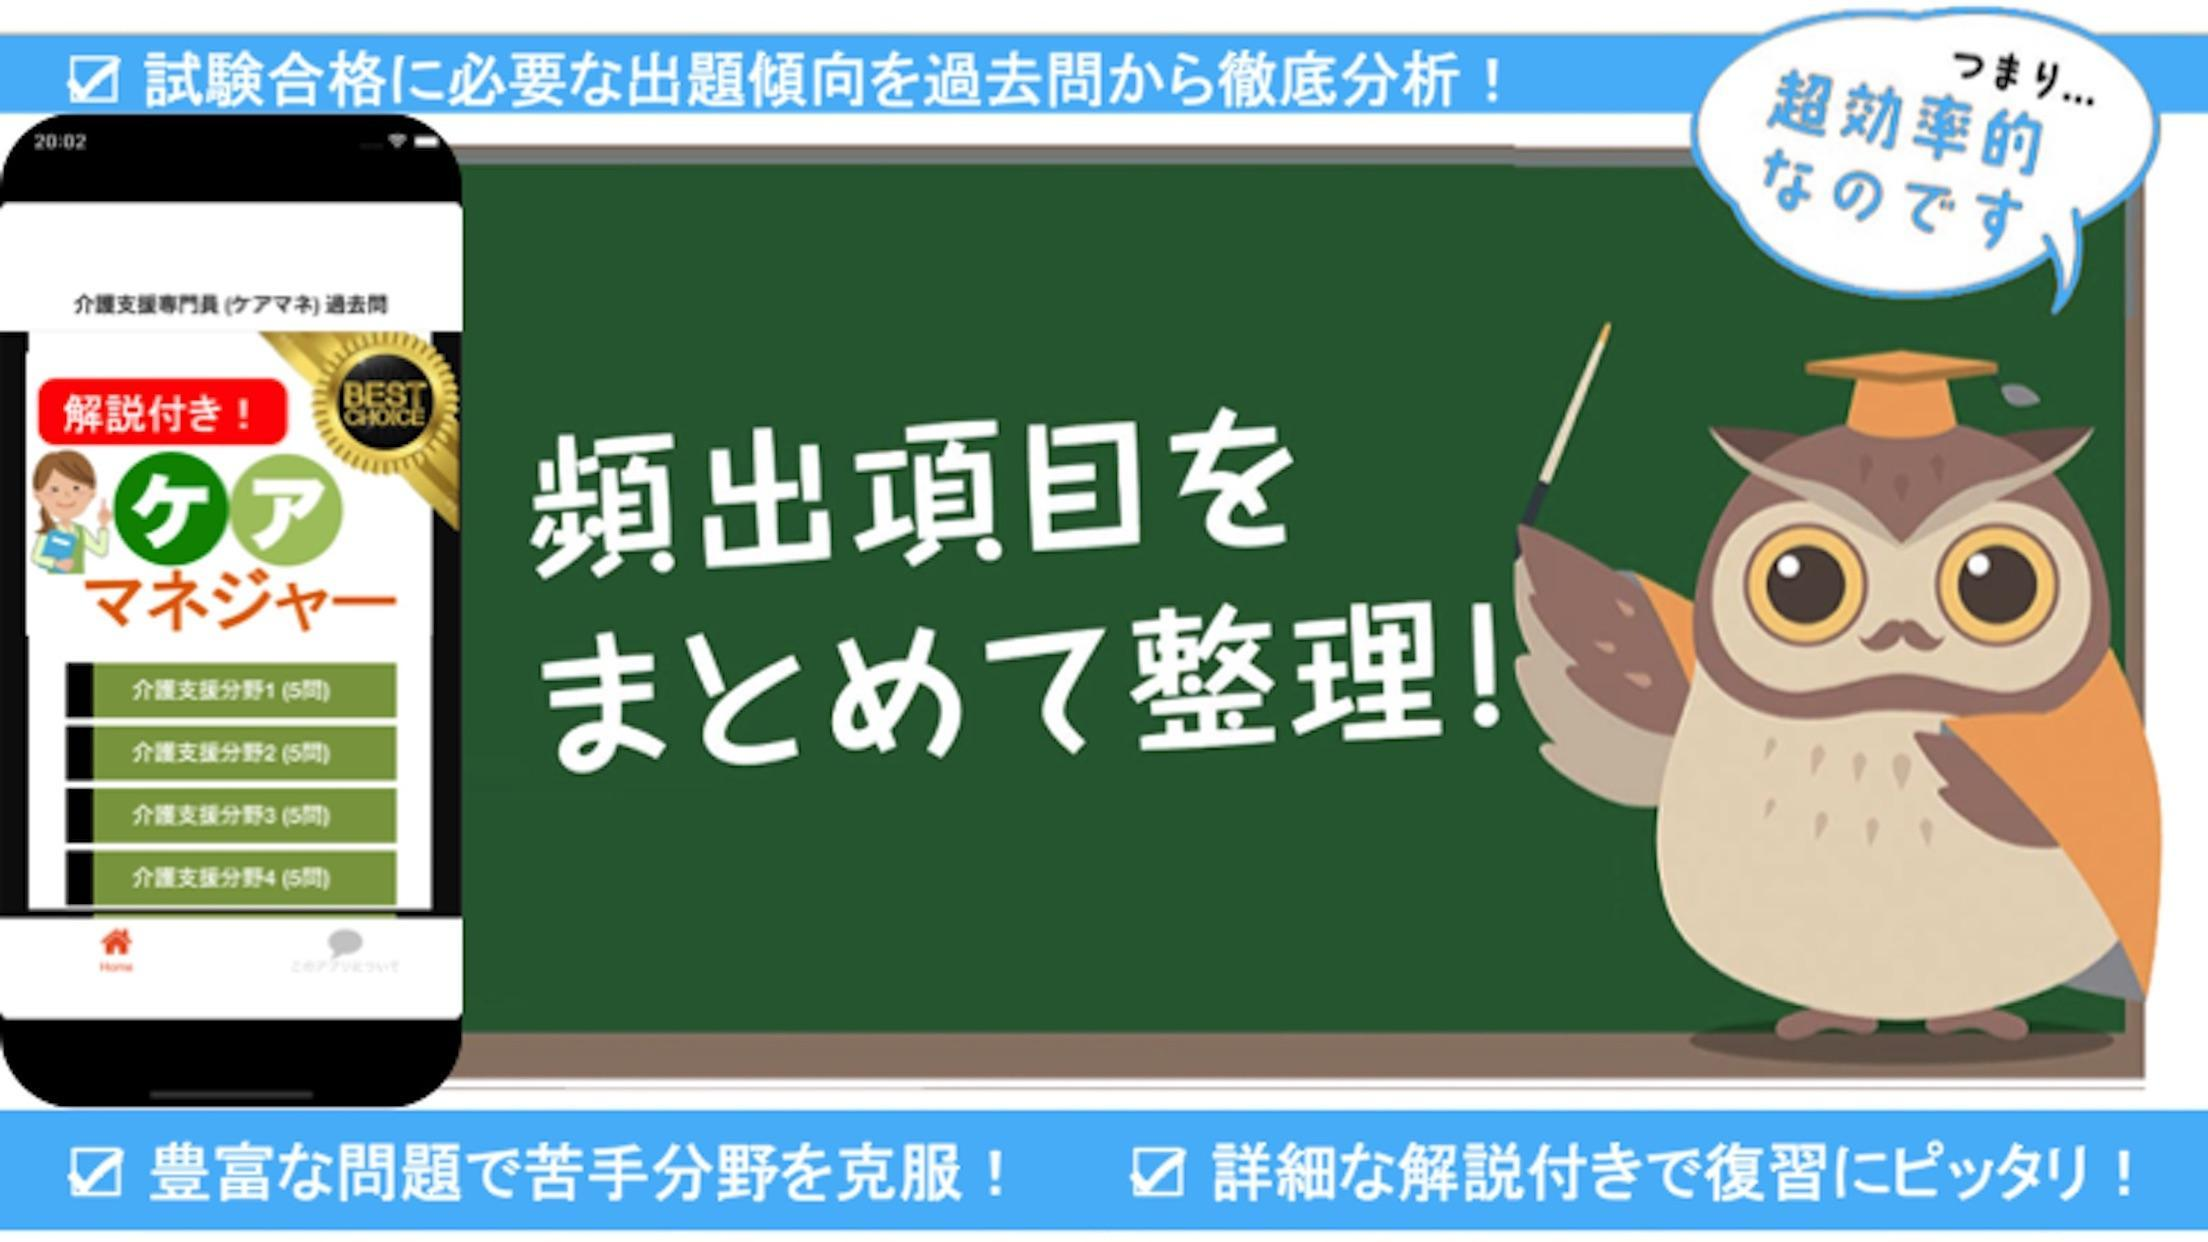 ケア マネージャー 試験 2019